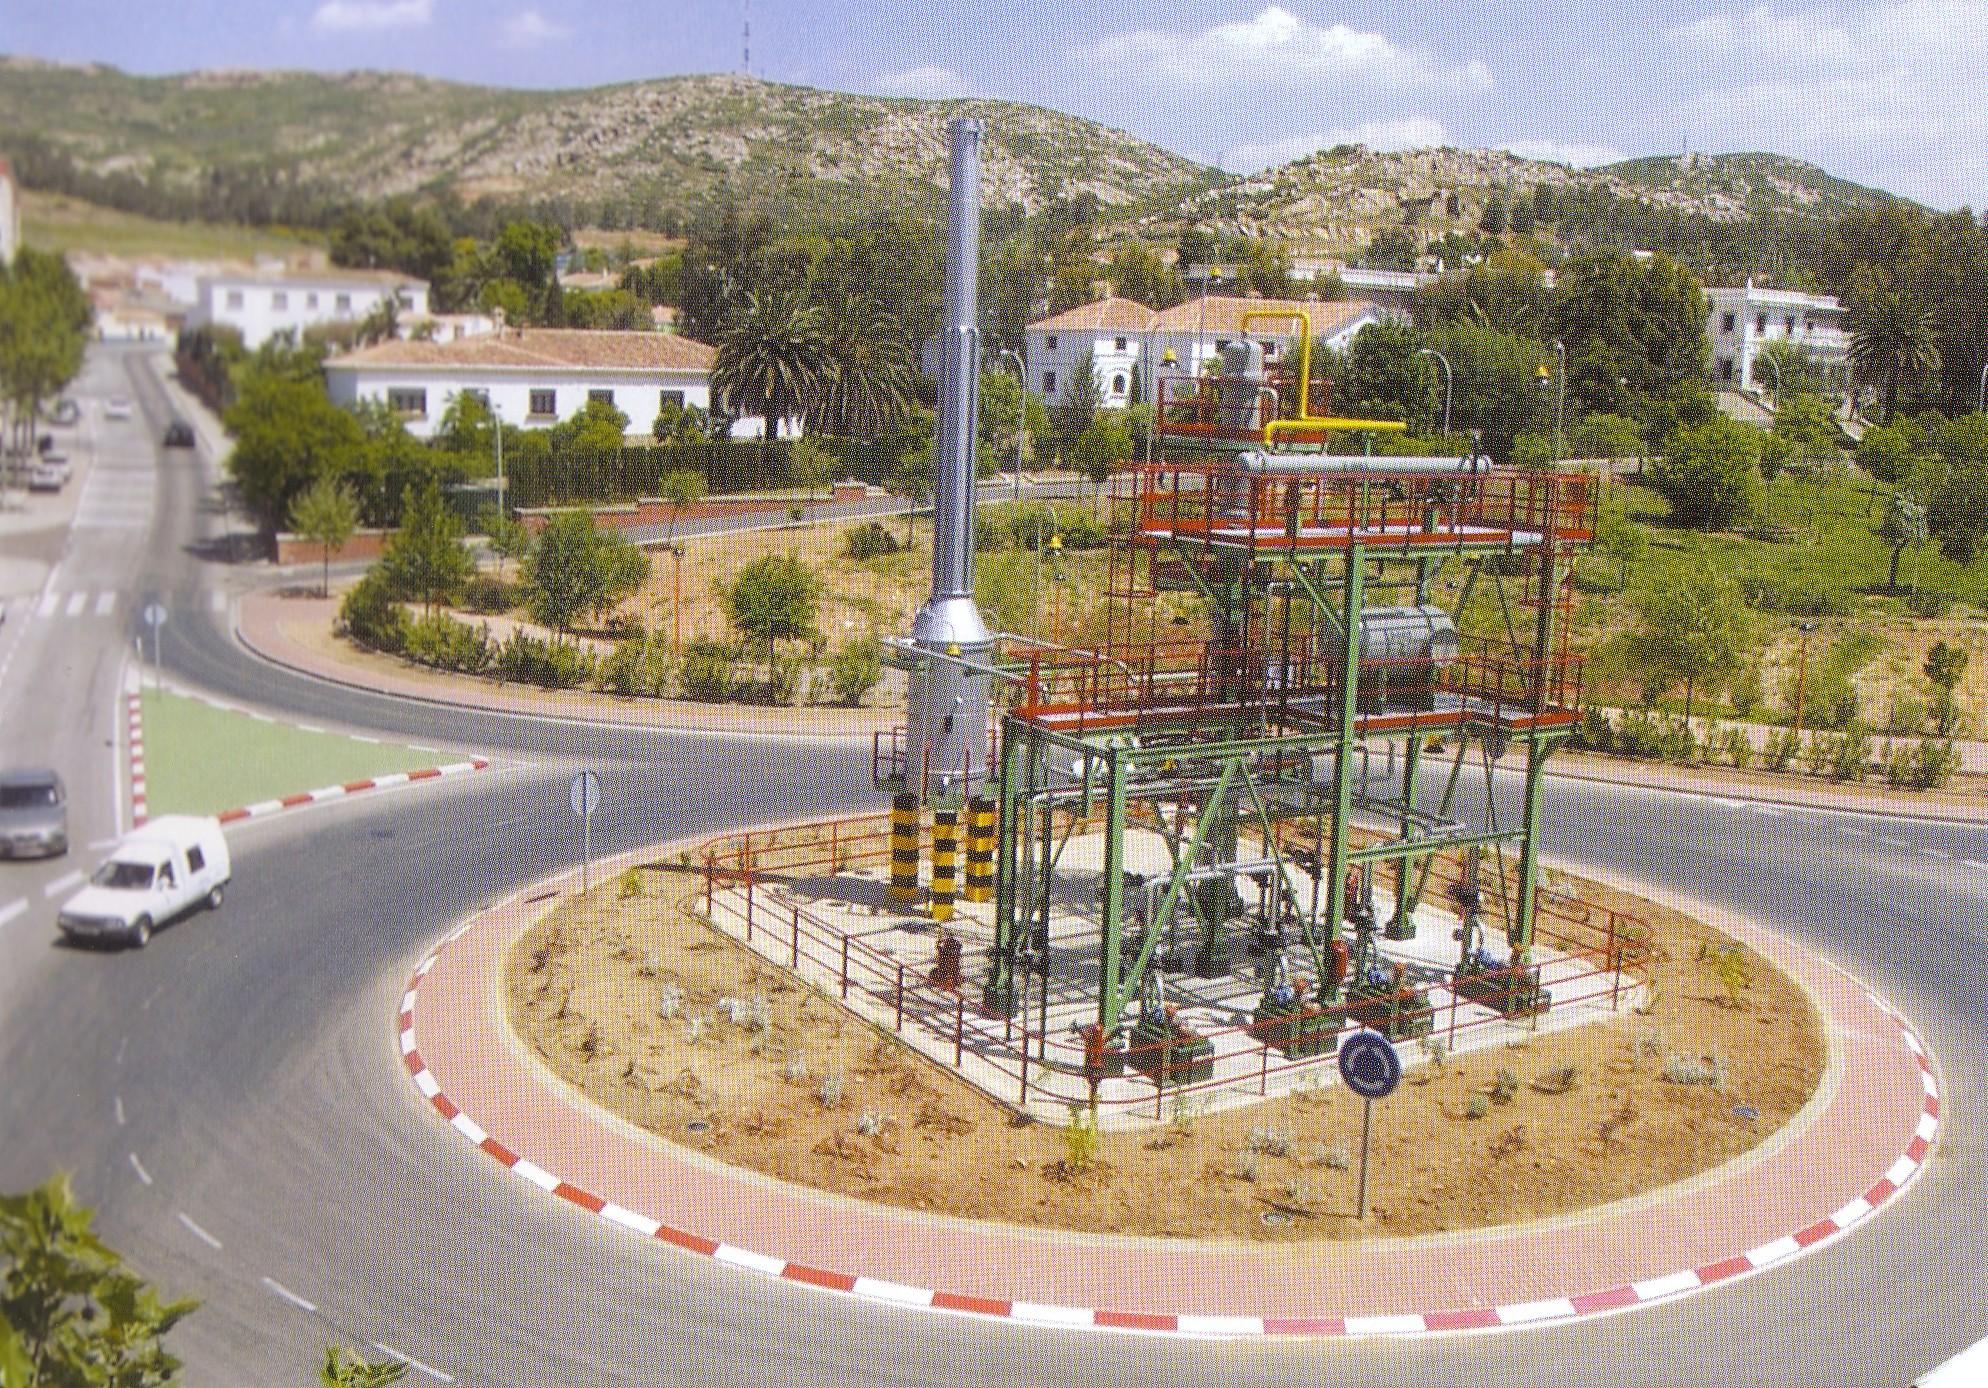 Monumento al Complejo Petroquímico en 2002 (cincuentenario de la Refinería en nuestra localidad)